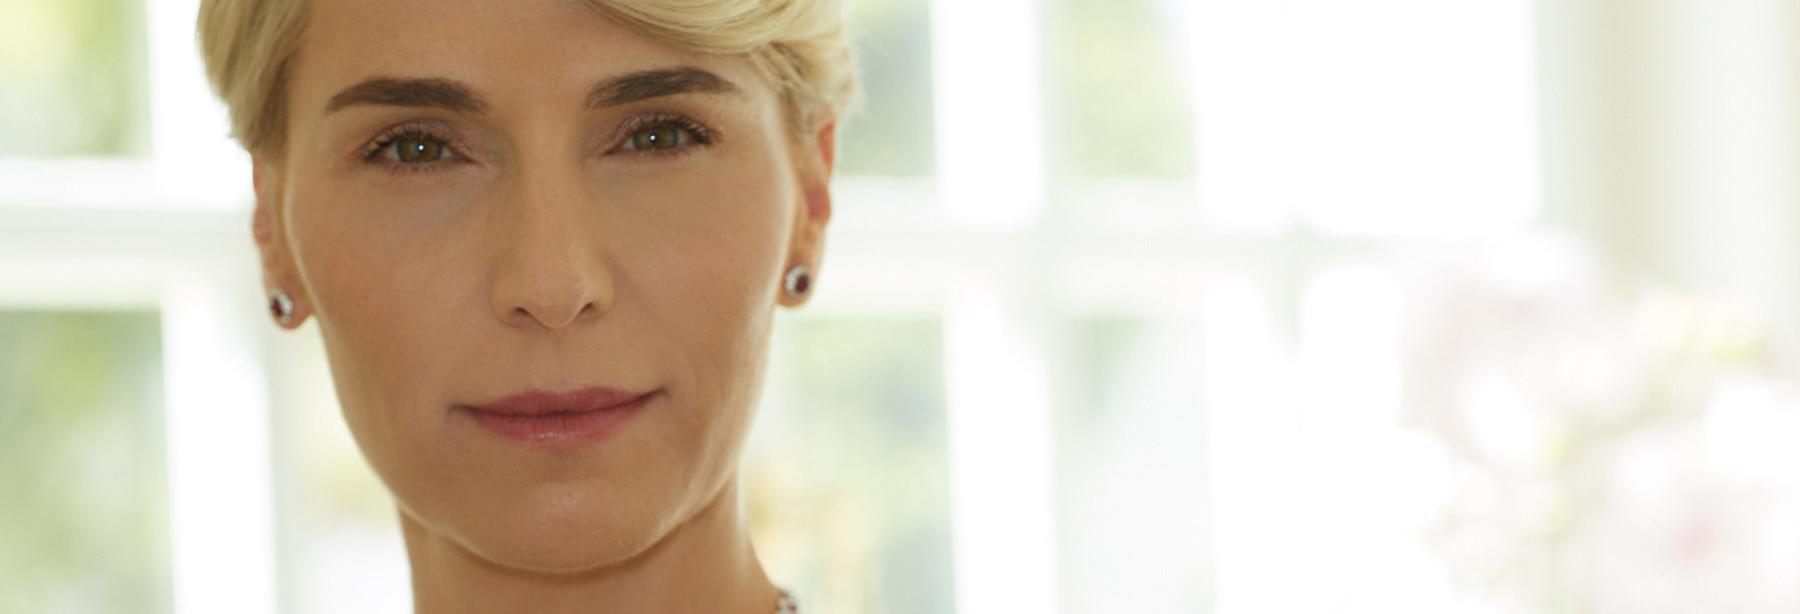 אנה ברנובסקי Anna Barnovsky טיפולי שפתיים